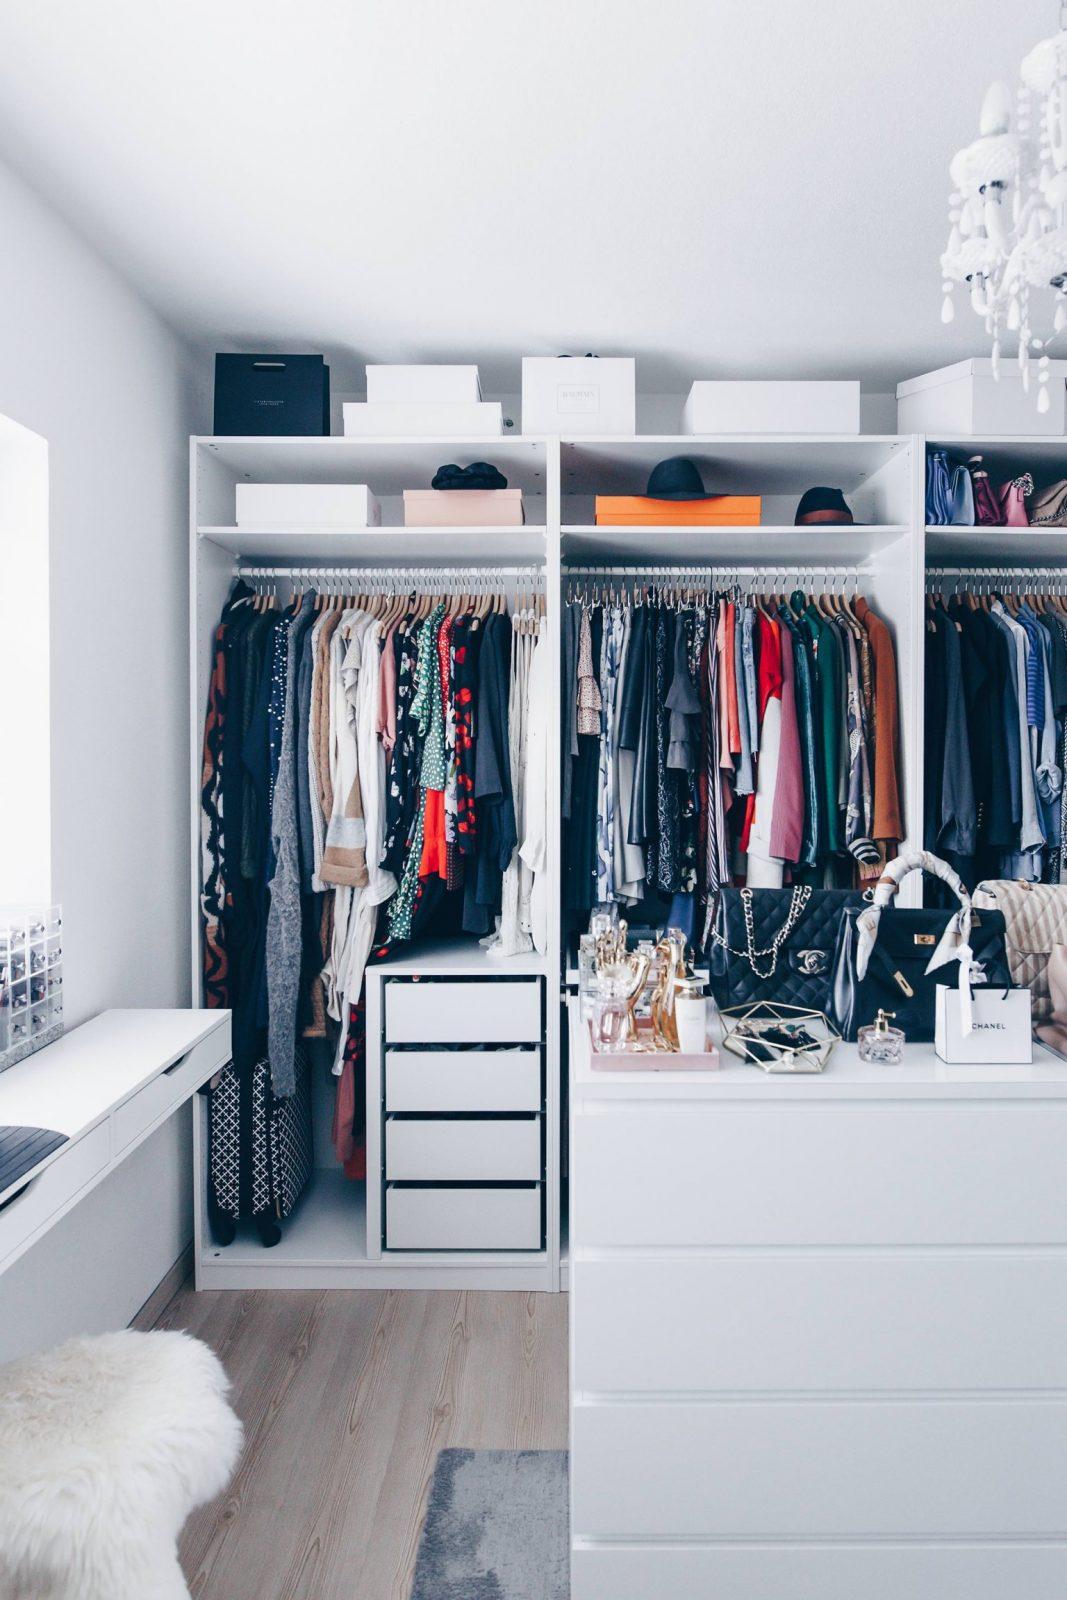 So Habe Ich Mein Ankleidezimmer Eingerichtet Und Gestaltet von Ikea Schrank Selber Planen Photo